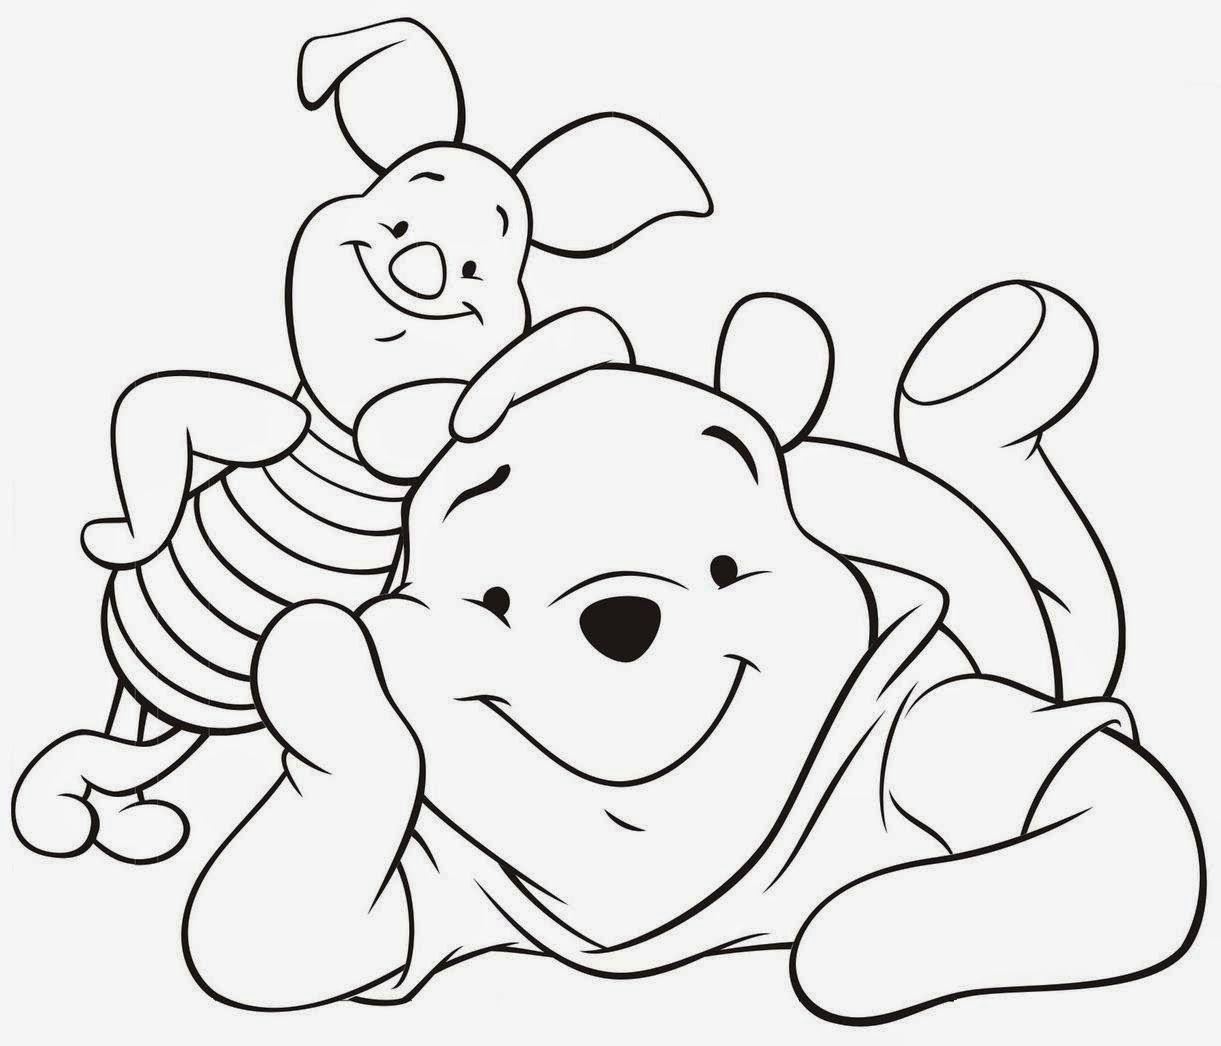 Pin Van Edit Fintane Olah Op Renata Disney Kleurplaten Kleurplaten Tekeningen Disney Figuren